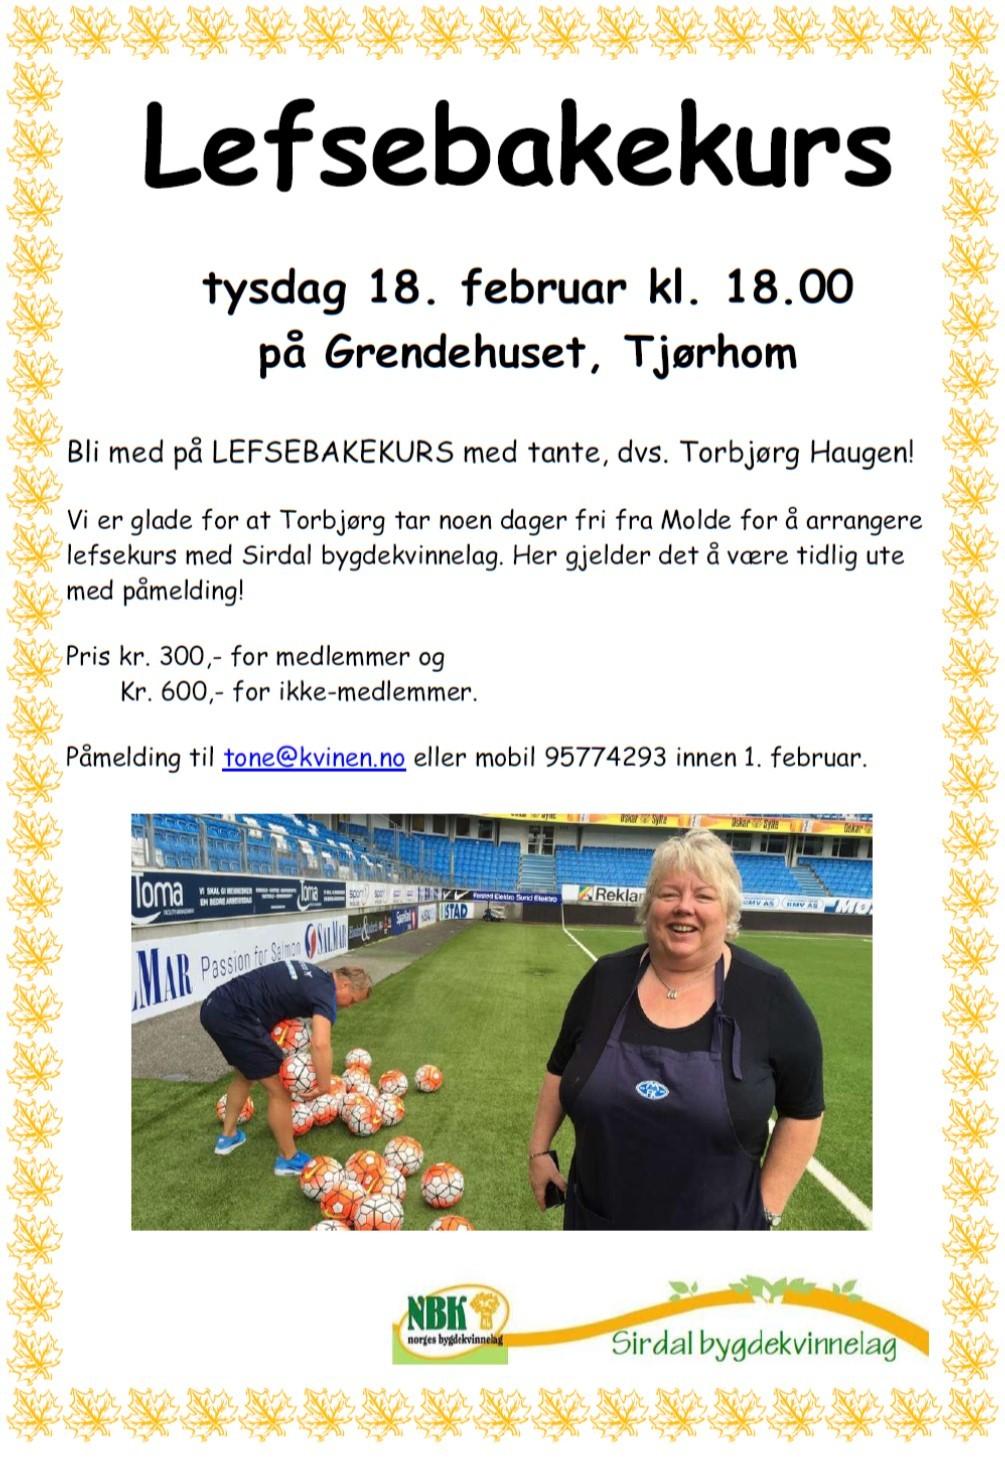 Bildeplakat Bygdekvinnelaget Lefsebakekurs.jpg